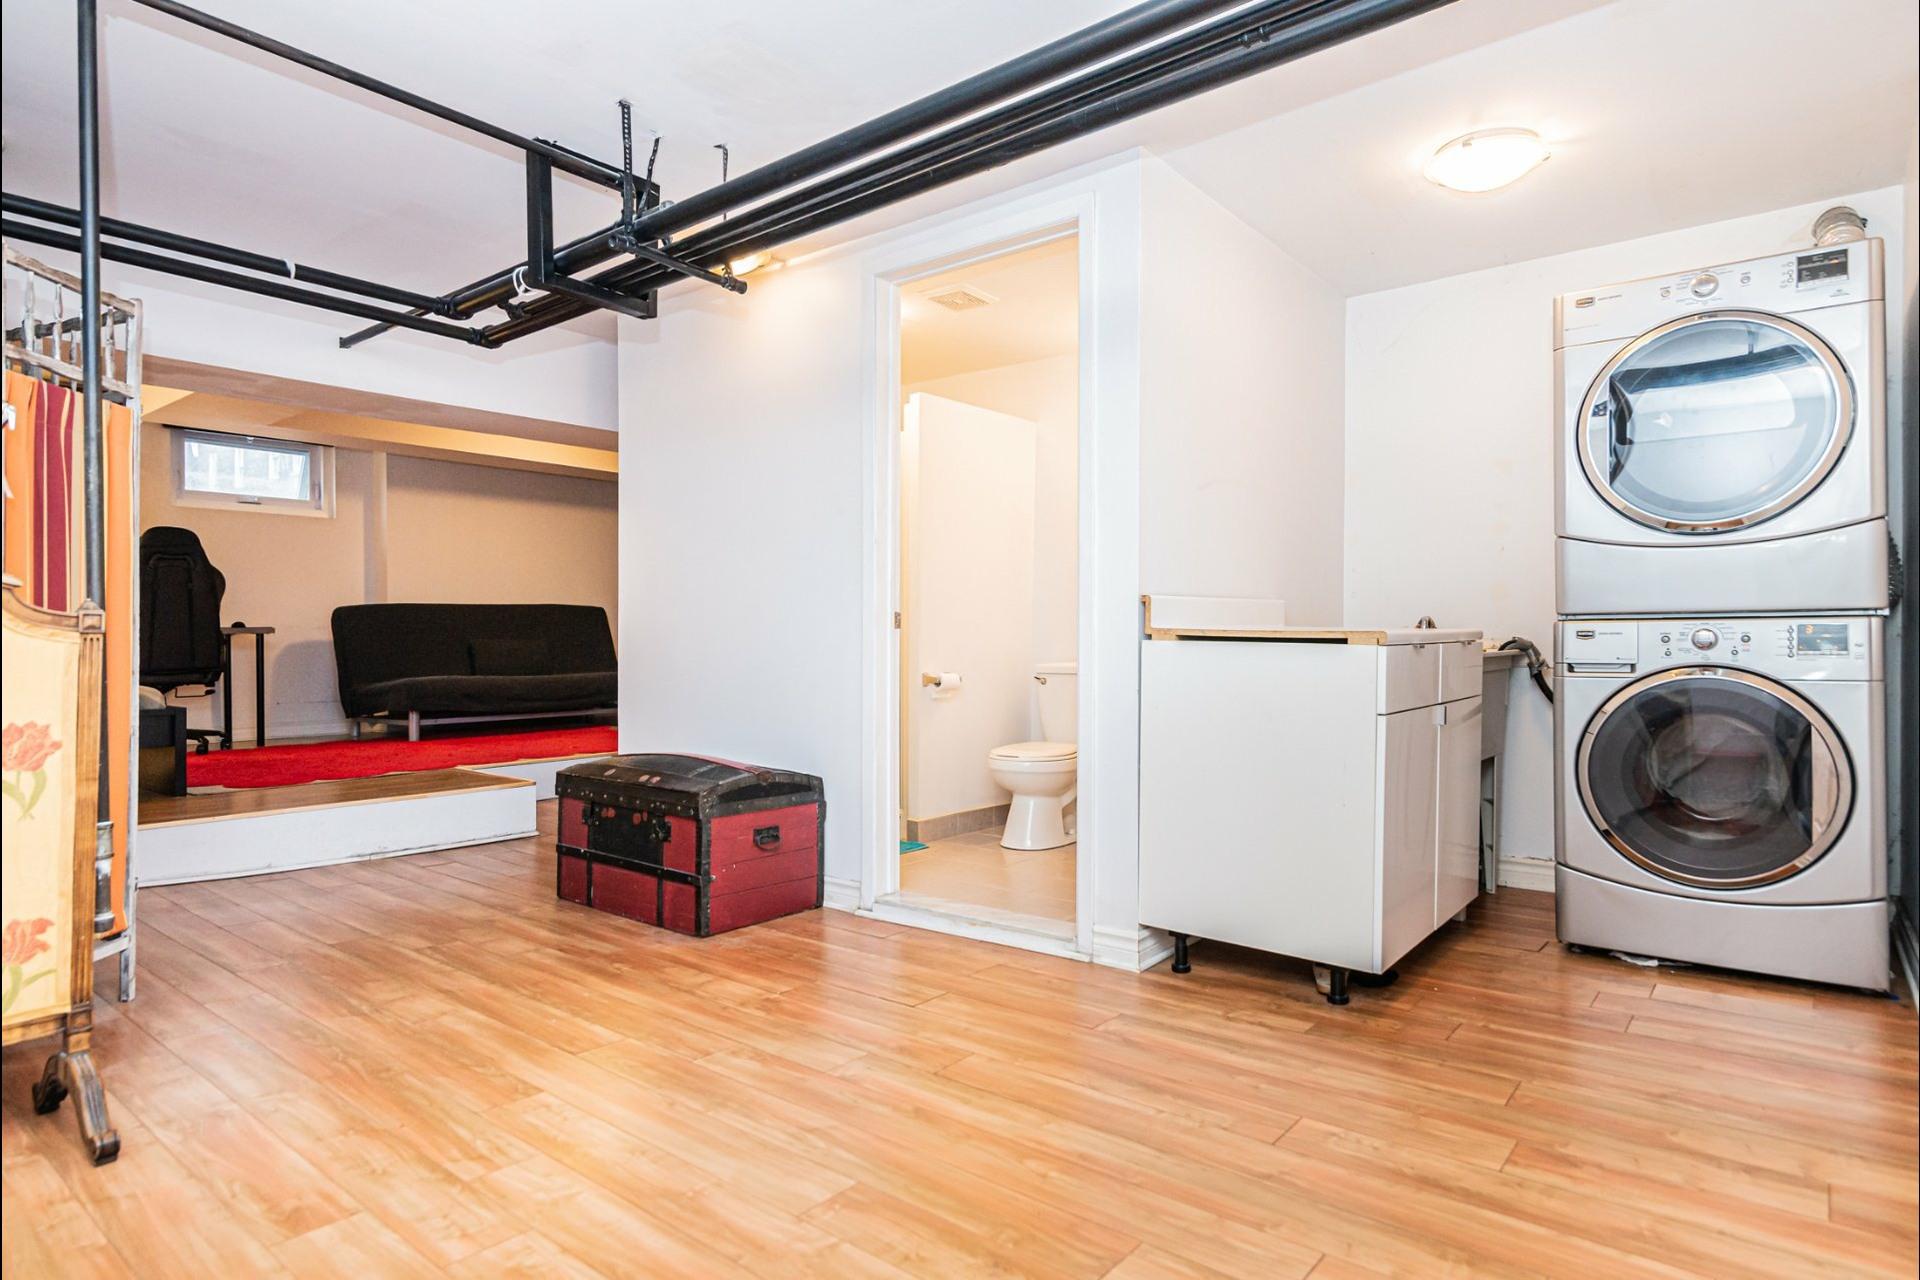 image 24 - Apartment For sale Côte-des-Neiges/Notre-Dame-de-Grâce Montréal  - 10 rooms